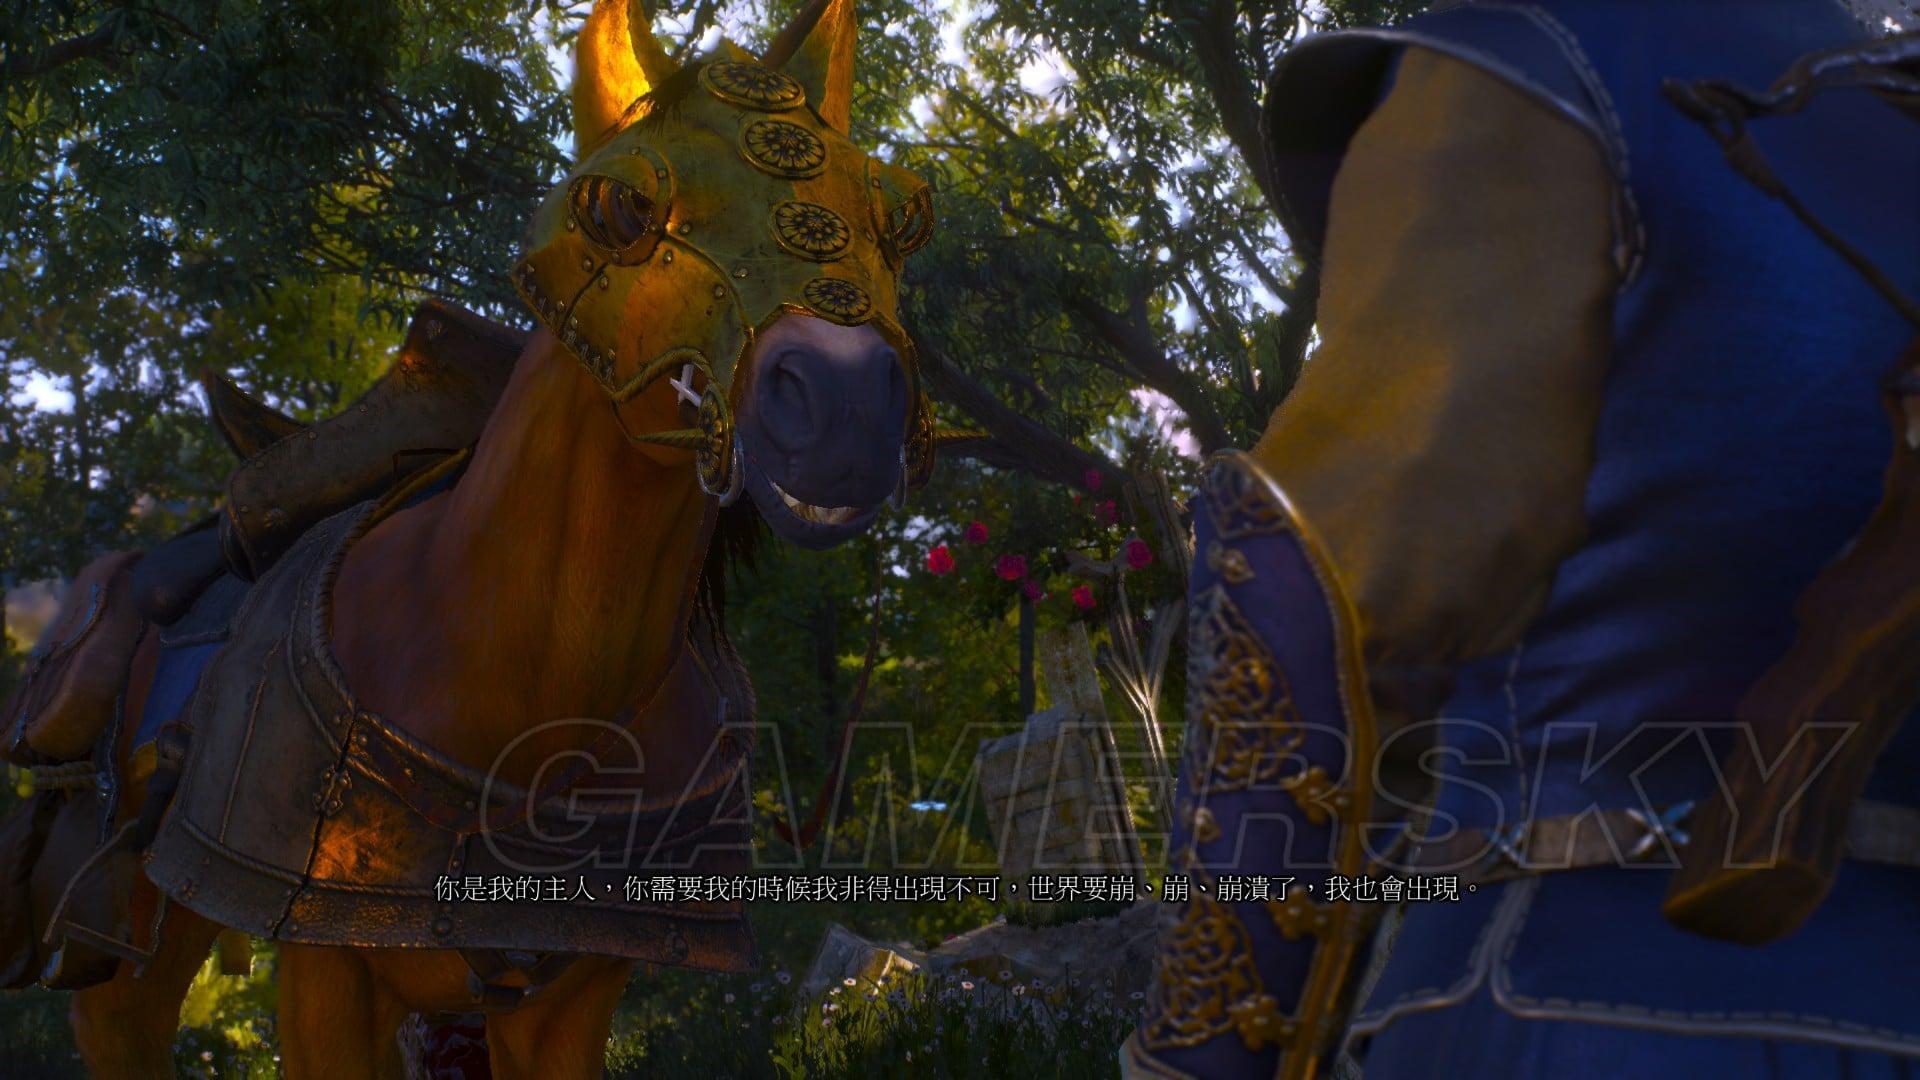 巫師3 血與酒馬之靈任務介紹及觸發地點 馬之靈任務在哪觸發